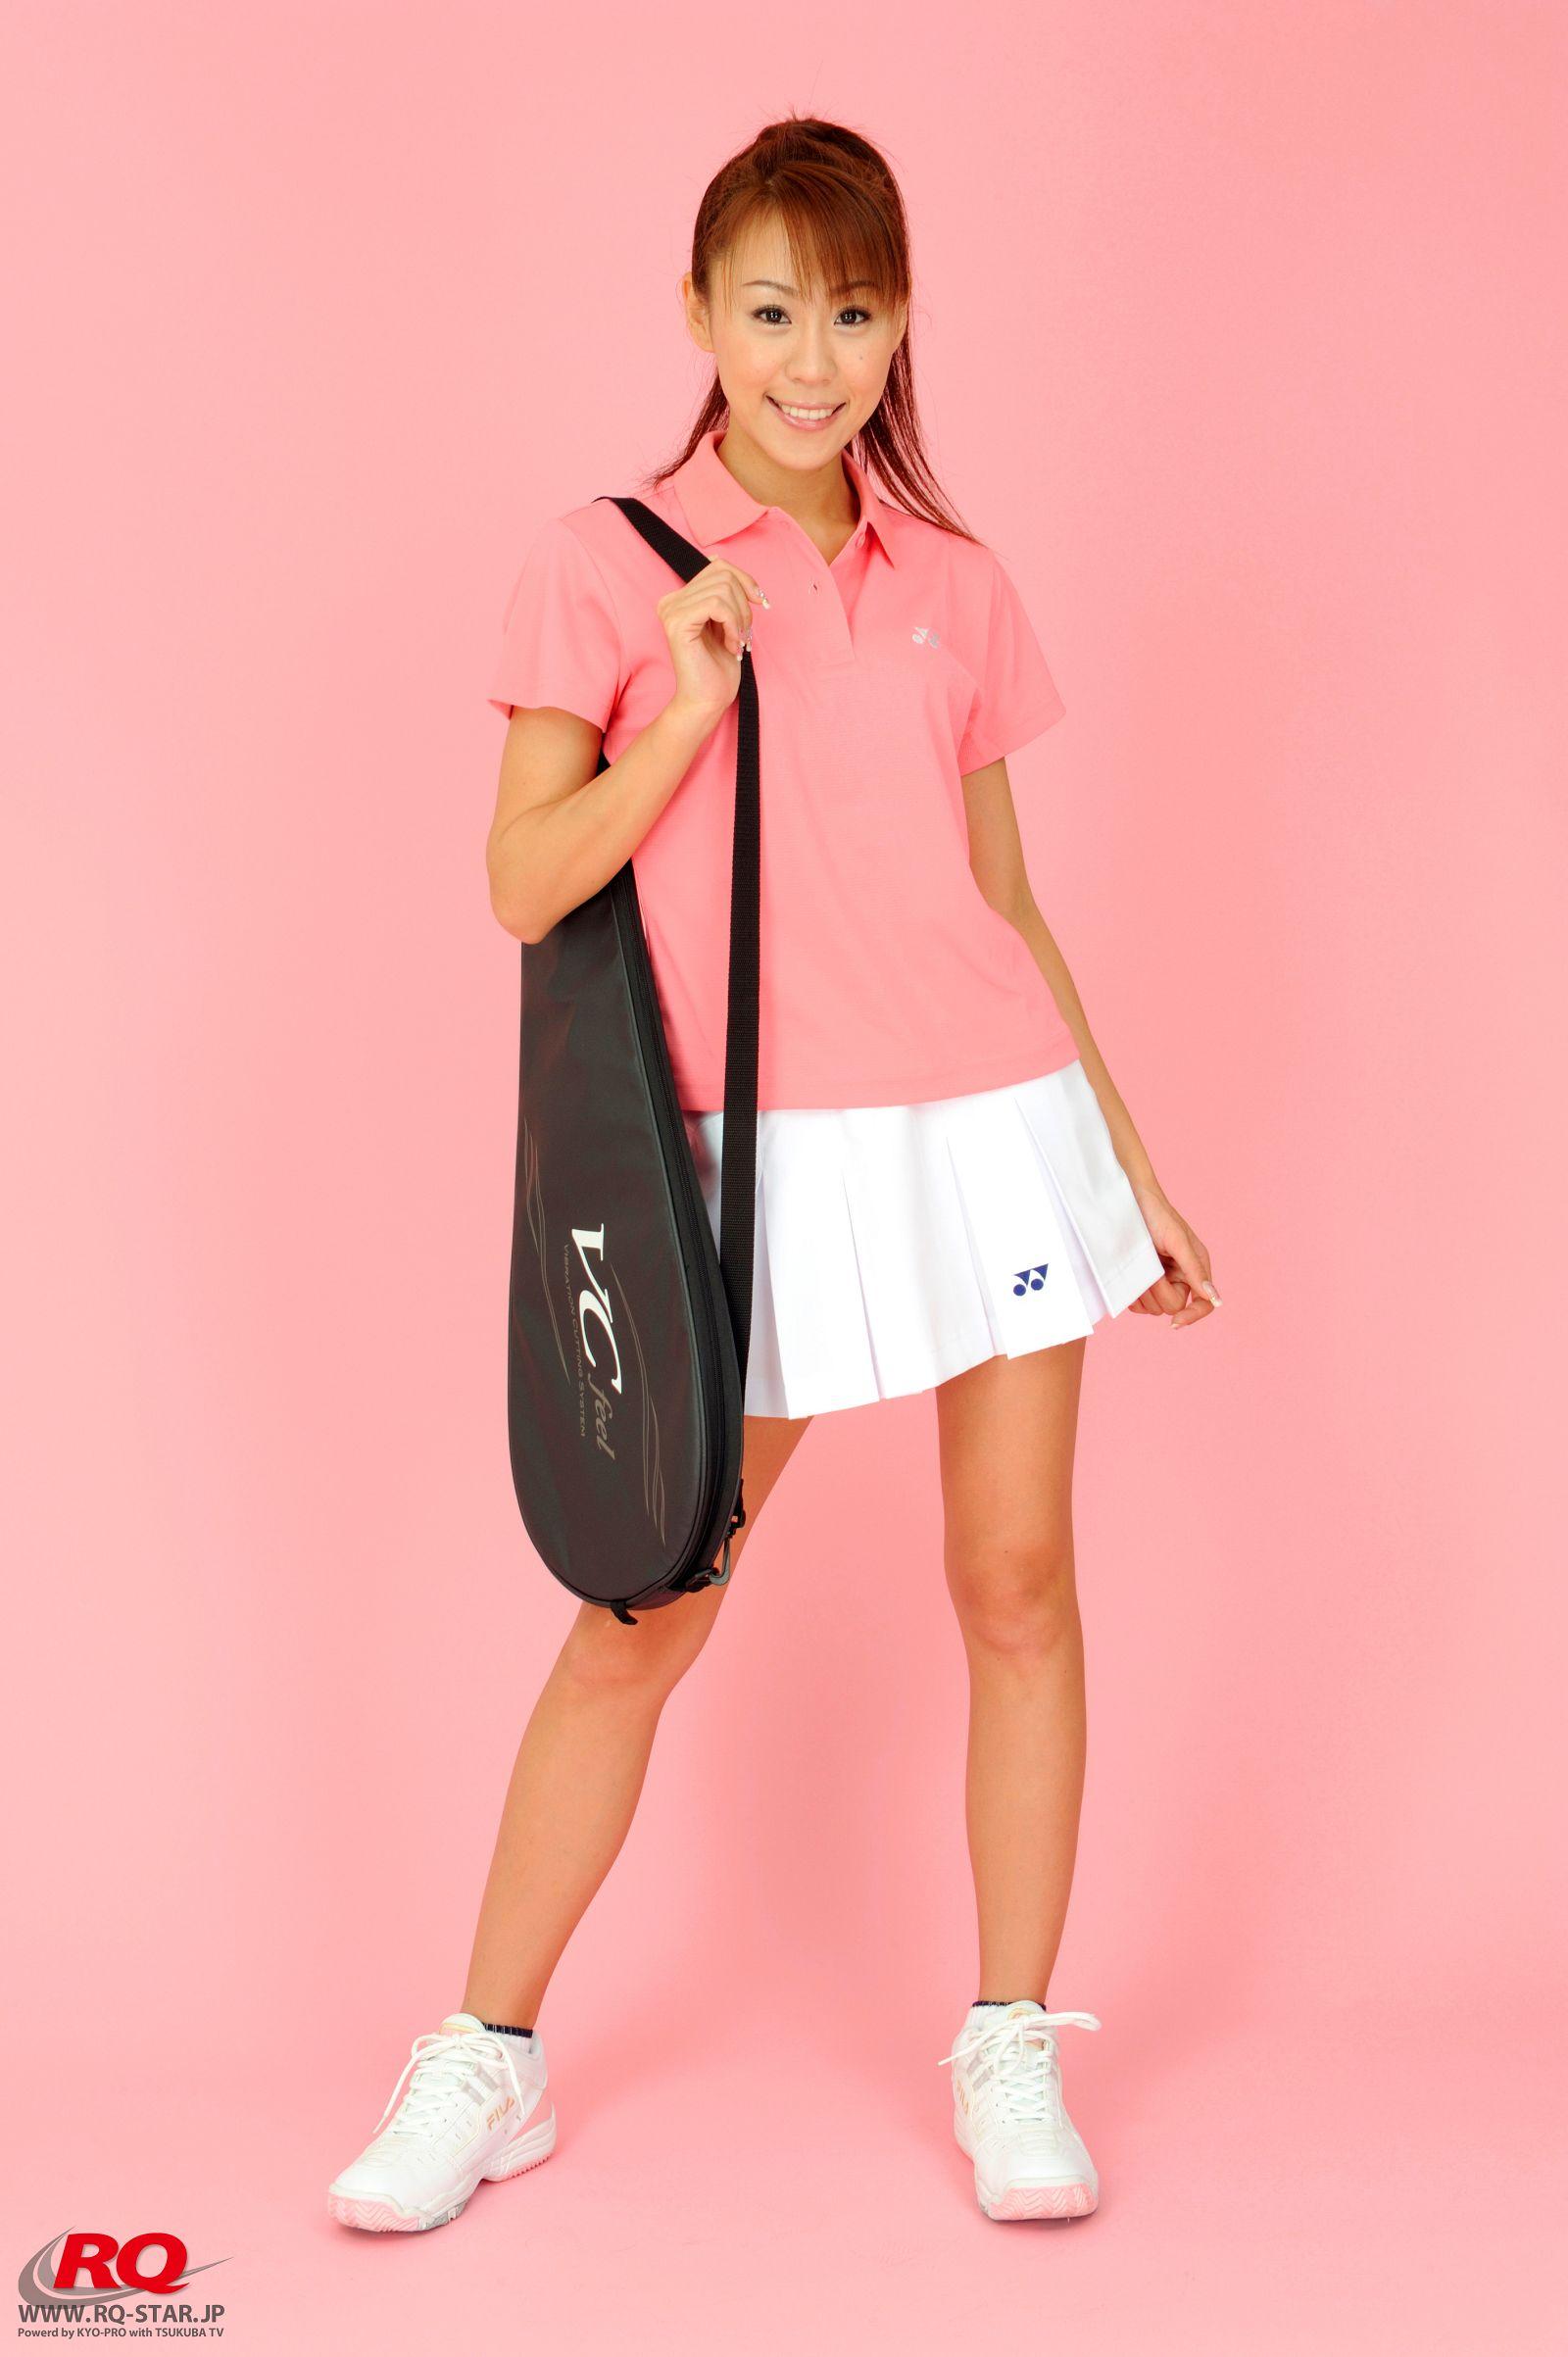 [RQ STAR美女] NO.01072 Mika Yokobe 横部実佳 Tennis Wear[90P] RQ STAR 第1张